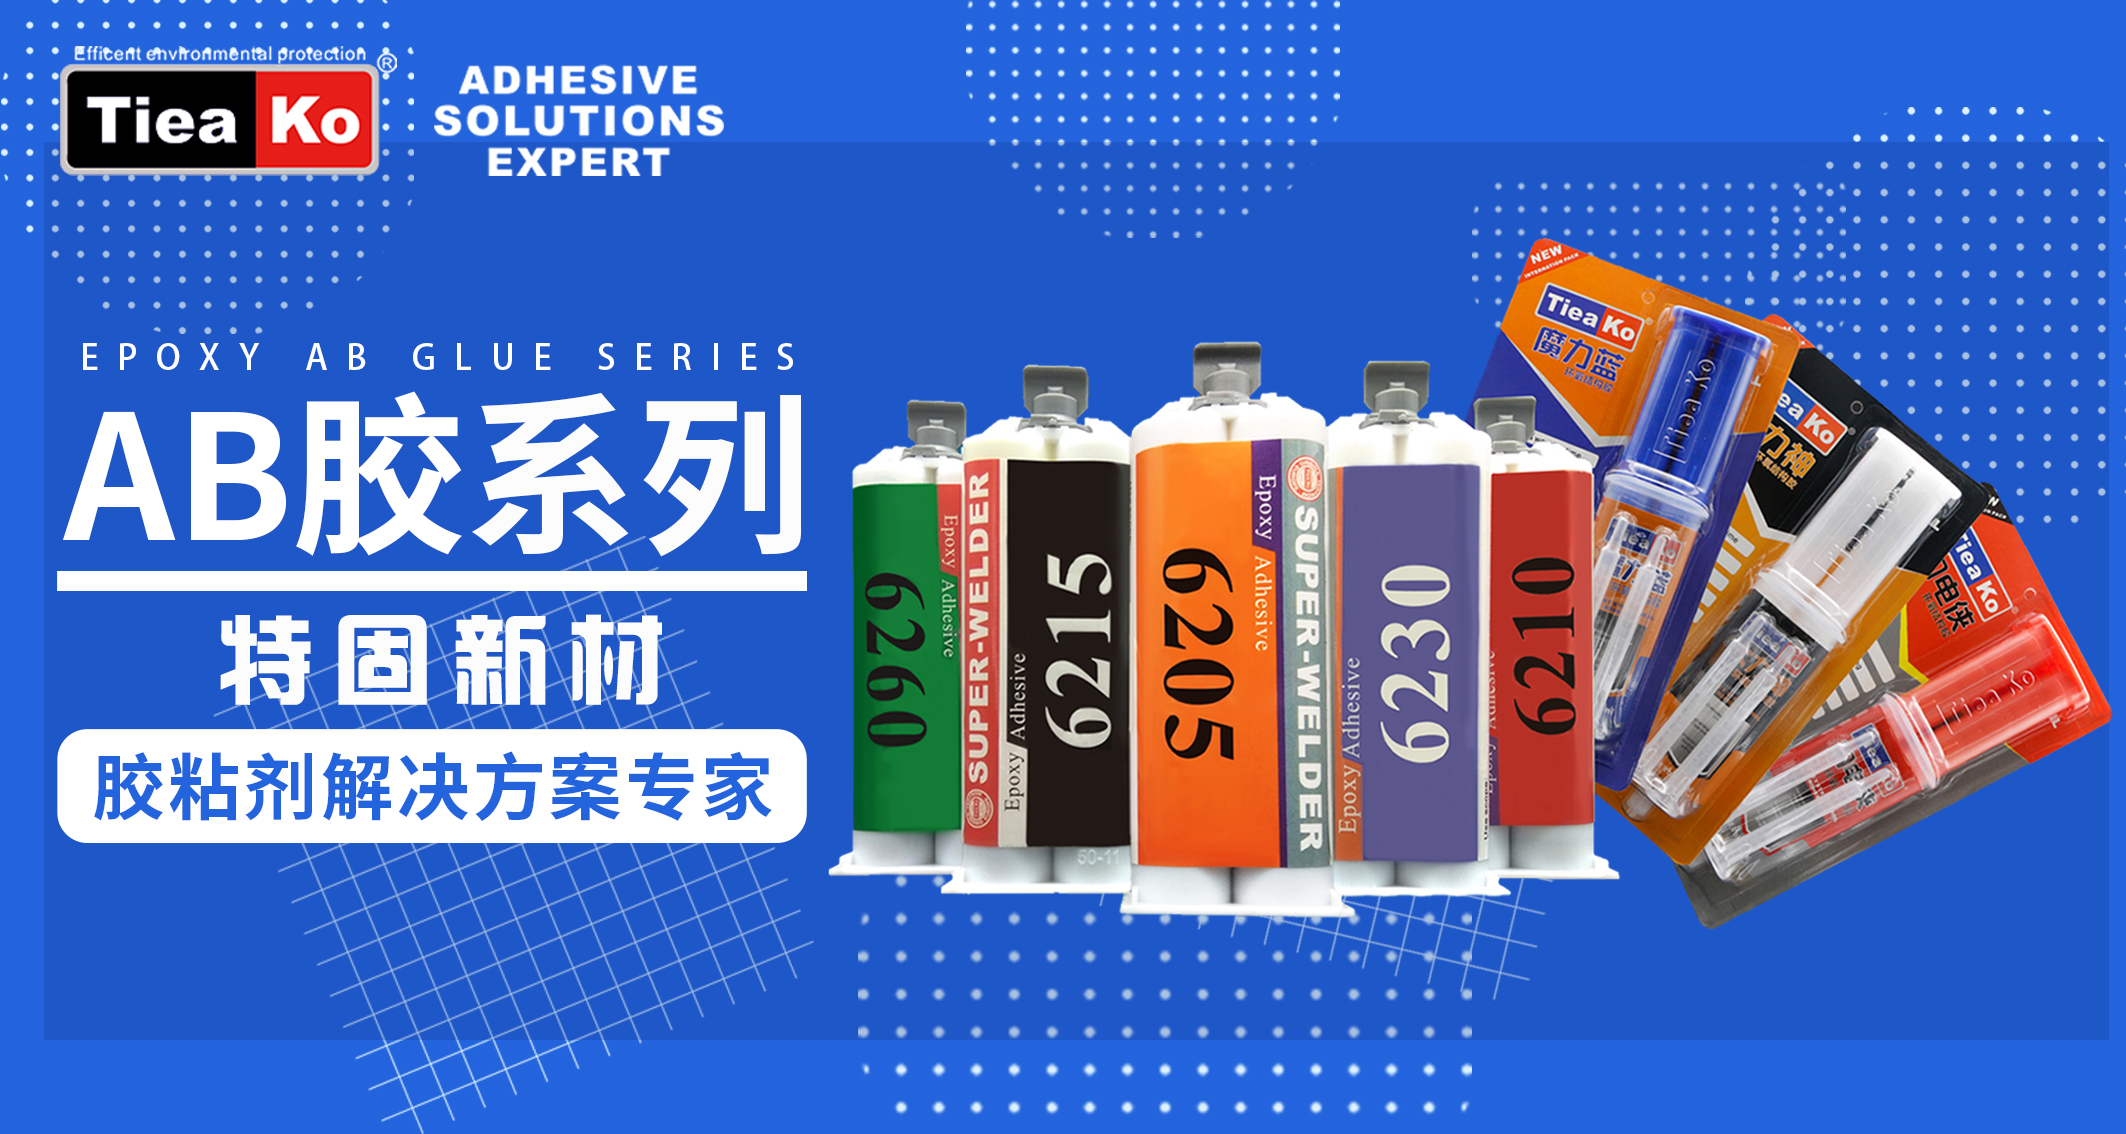 东莞市特固新材生产厂家的环氧树脂胶系列海报